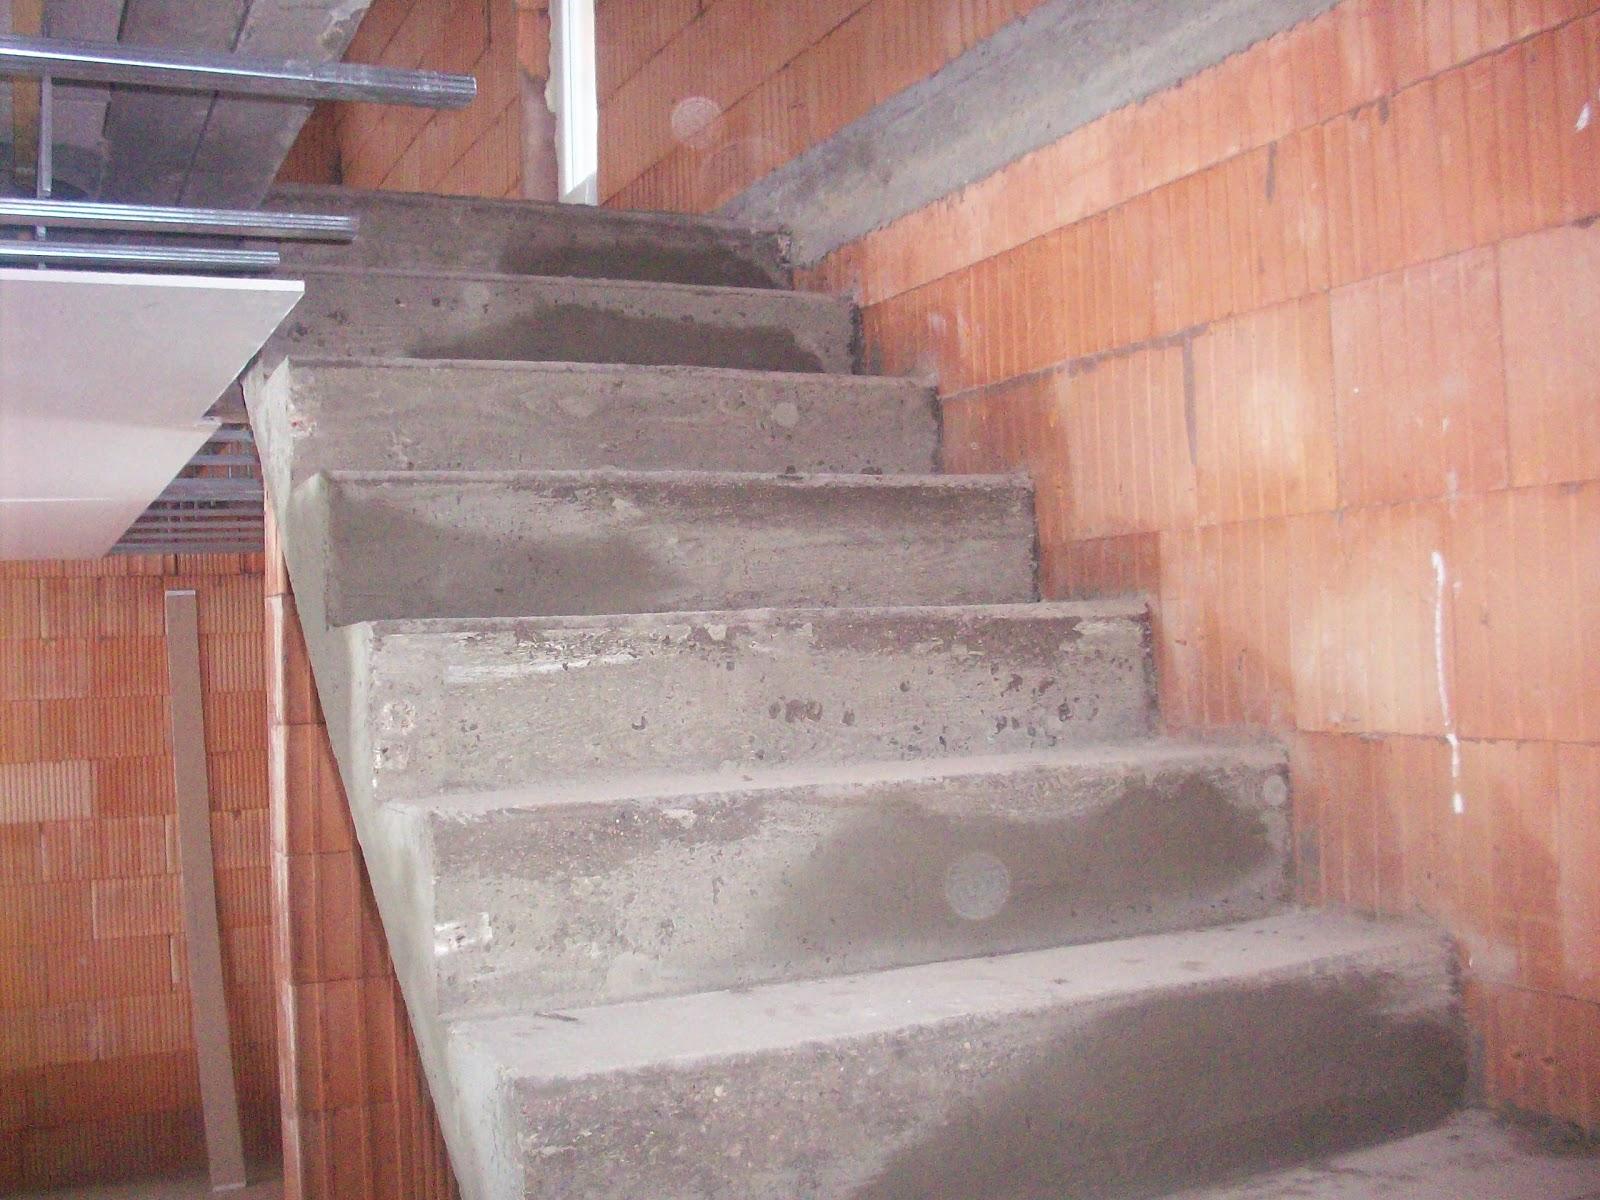 Ma onnerie construction d 39 un escalier dans une maison neuve for Construction escalier exterieur beton